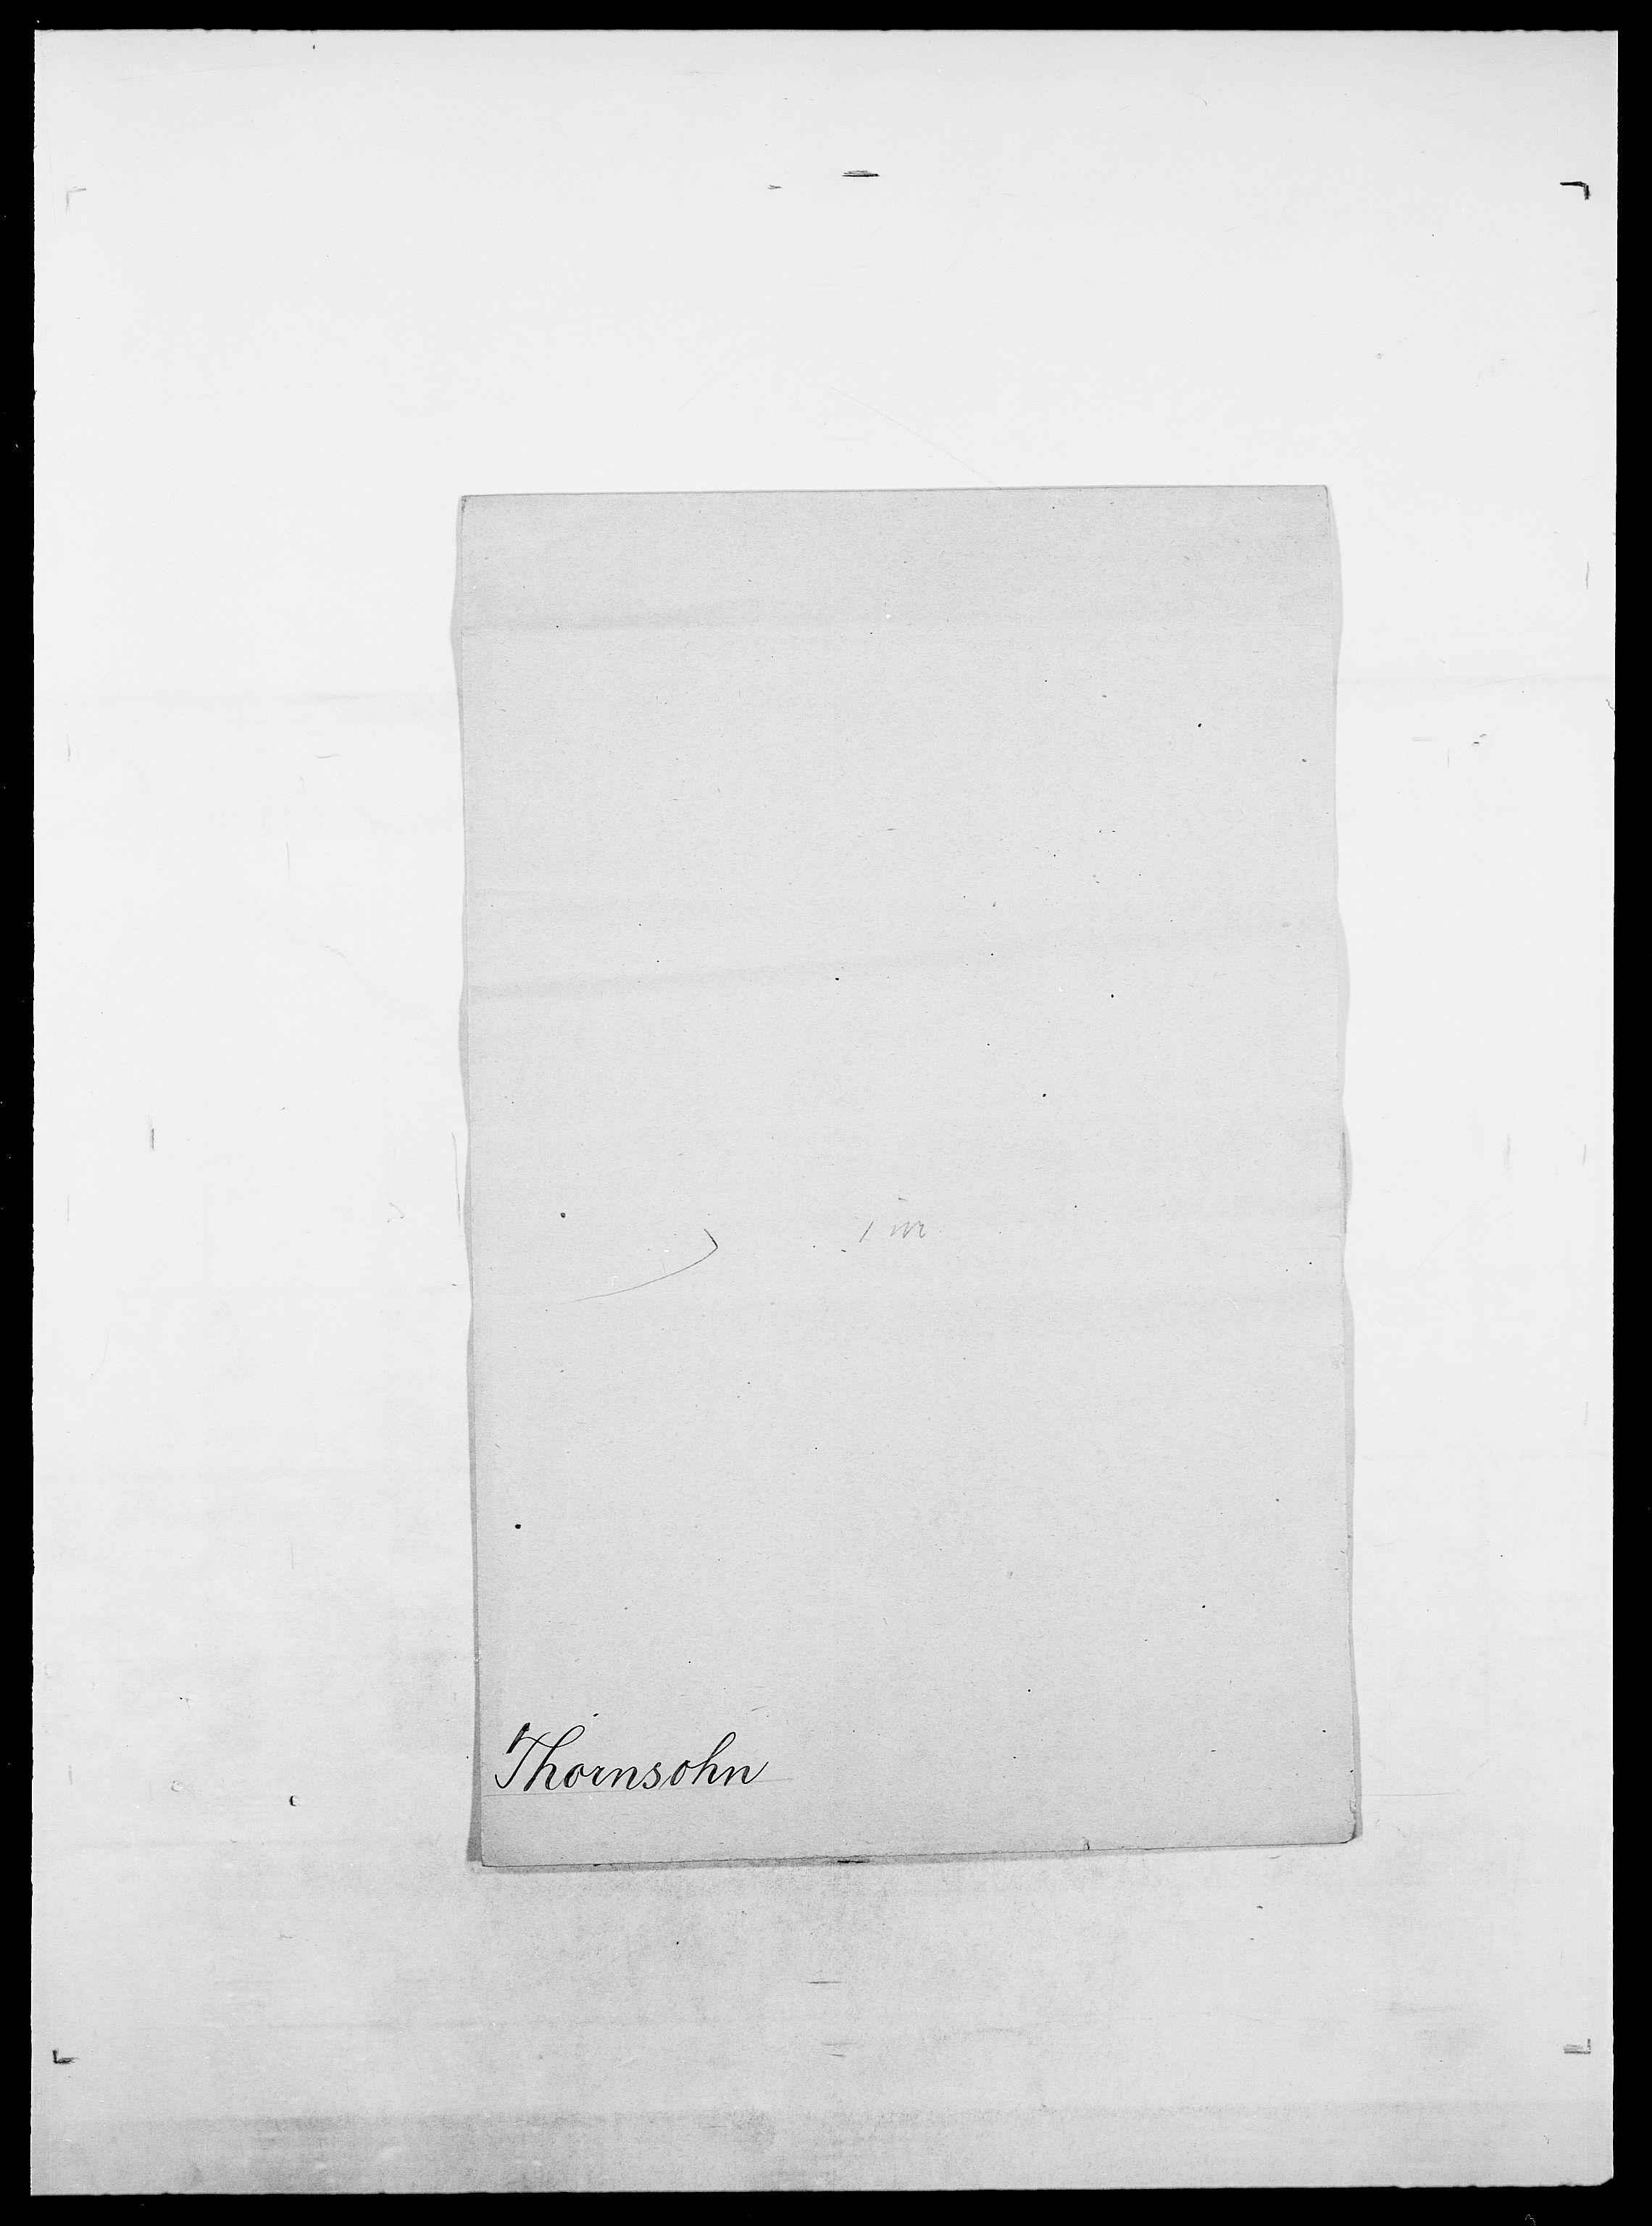 SAO, Delgobe, Charles Antoine - samling, D/Da/L0038: Svanenskjold - Thornsohn, s. 896